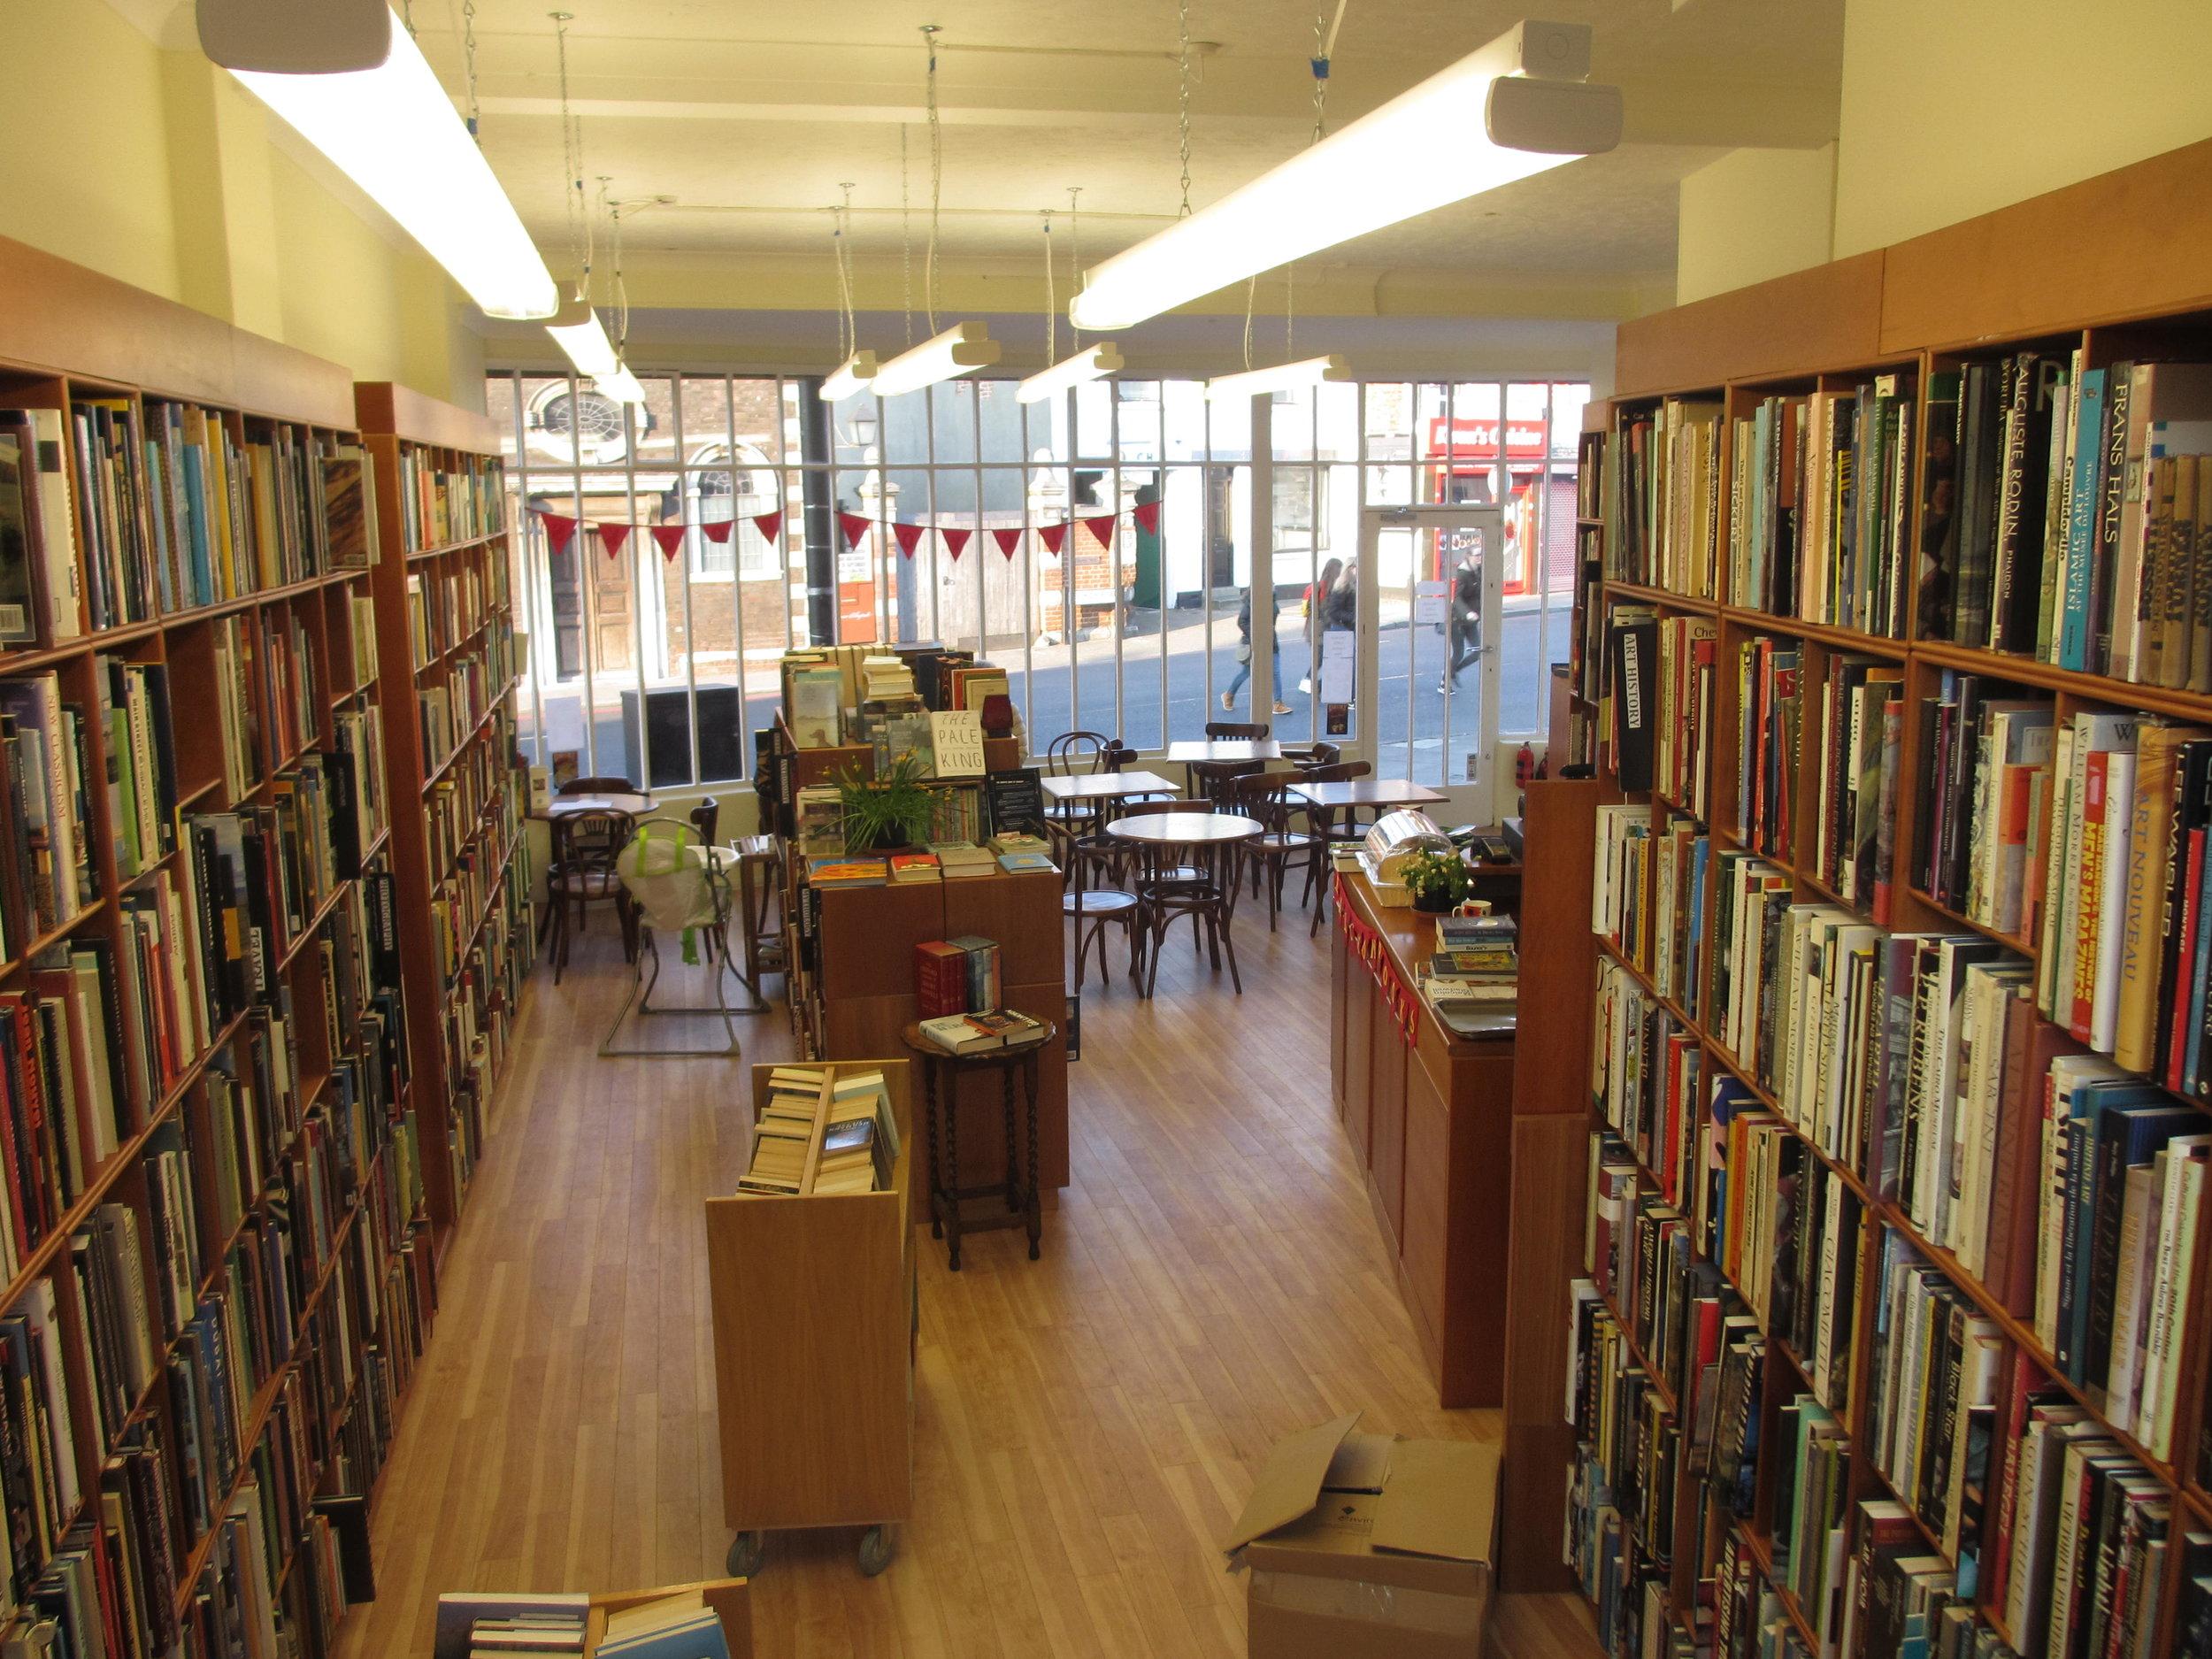 Halcyon Books South London Club